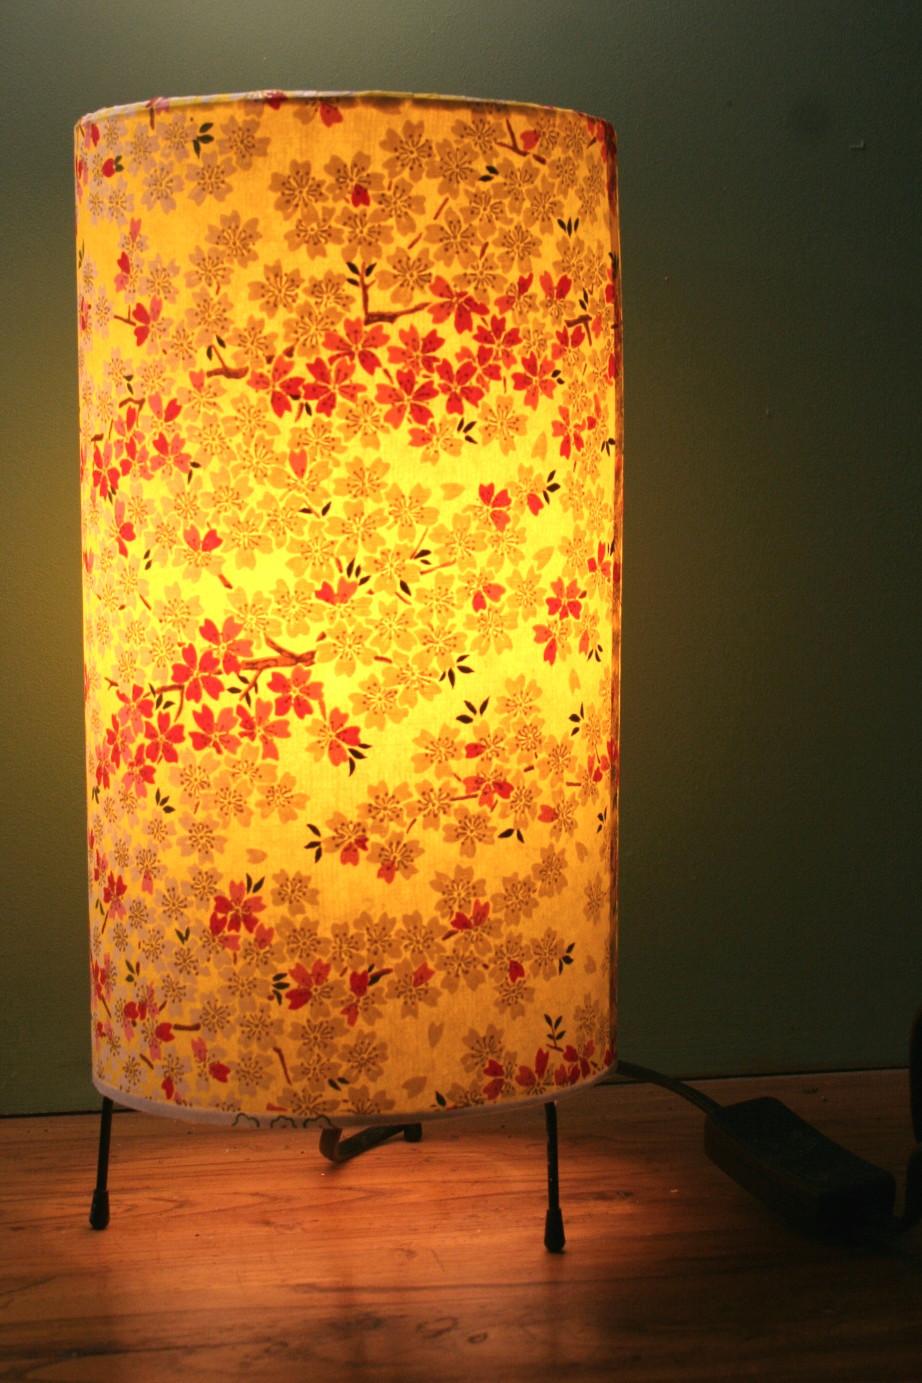 lampadaire papier japonais fabulous lampe boule papier. Black Bedroom Furniture Sets. Home Design Ideas